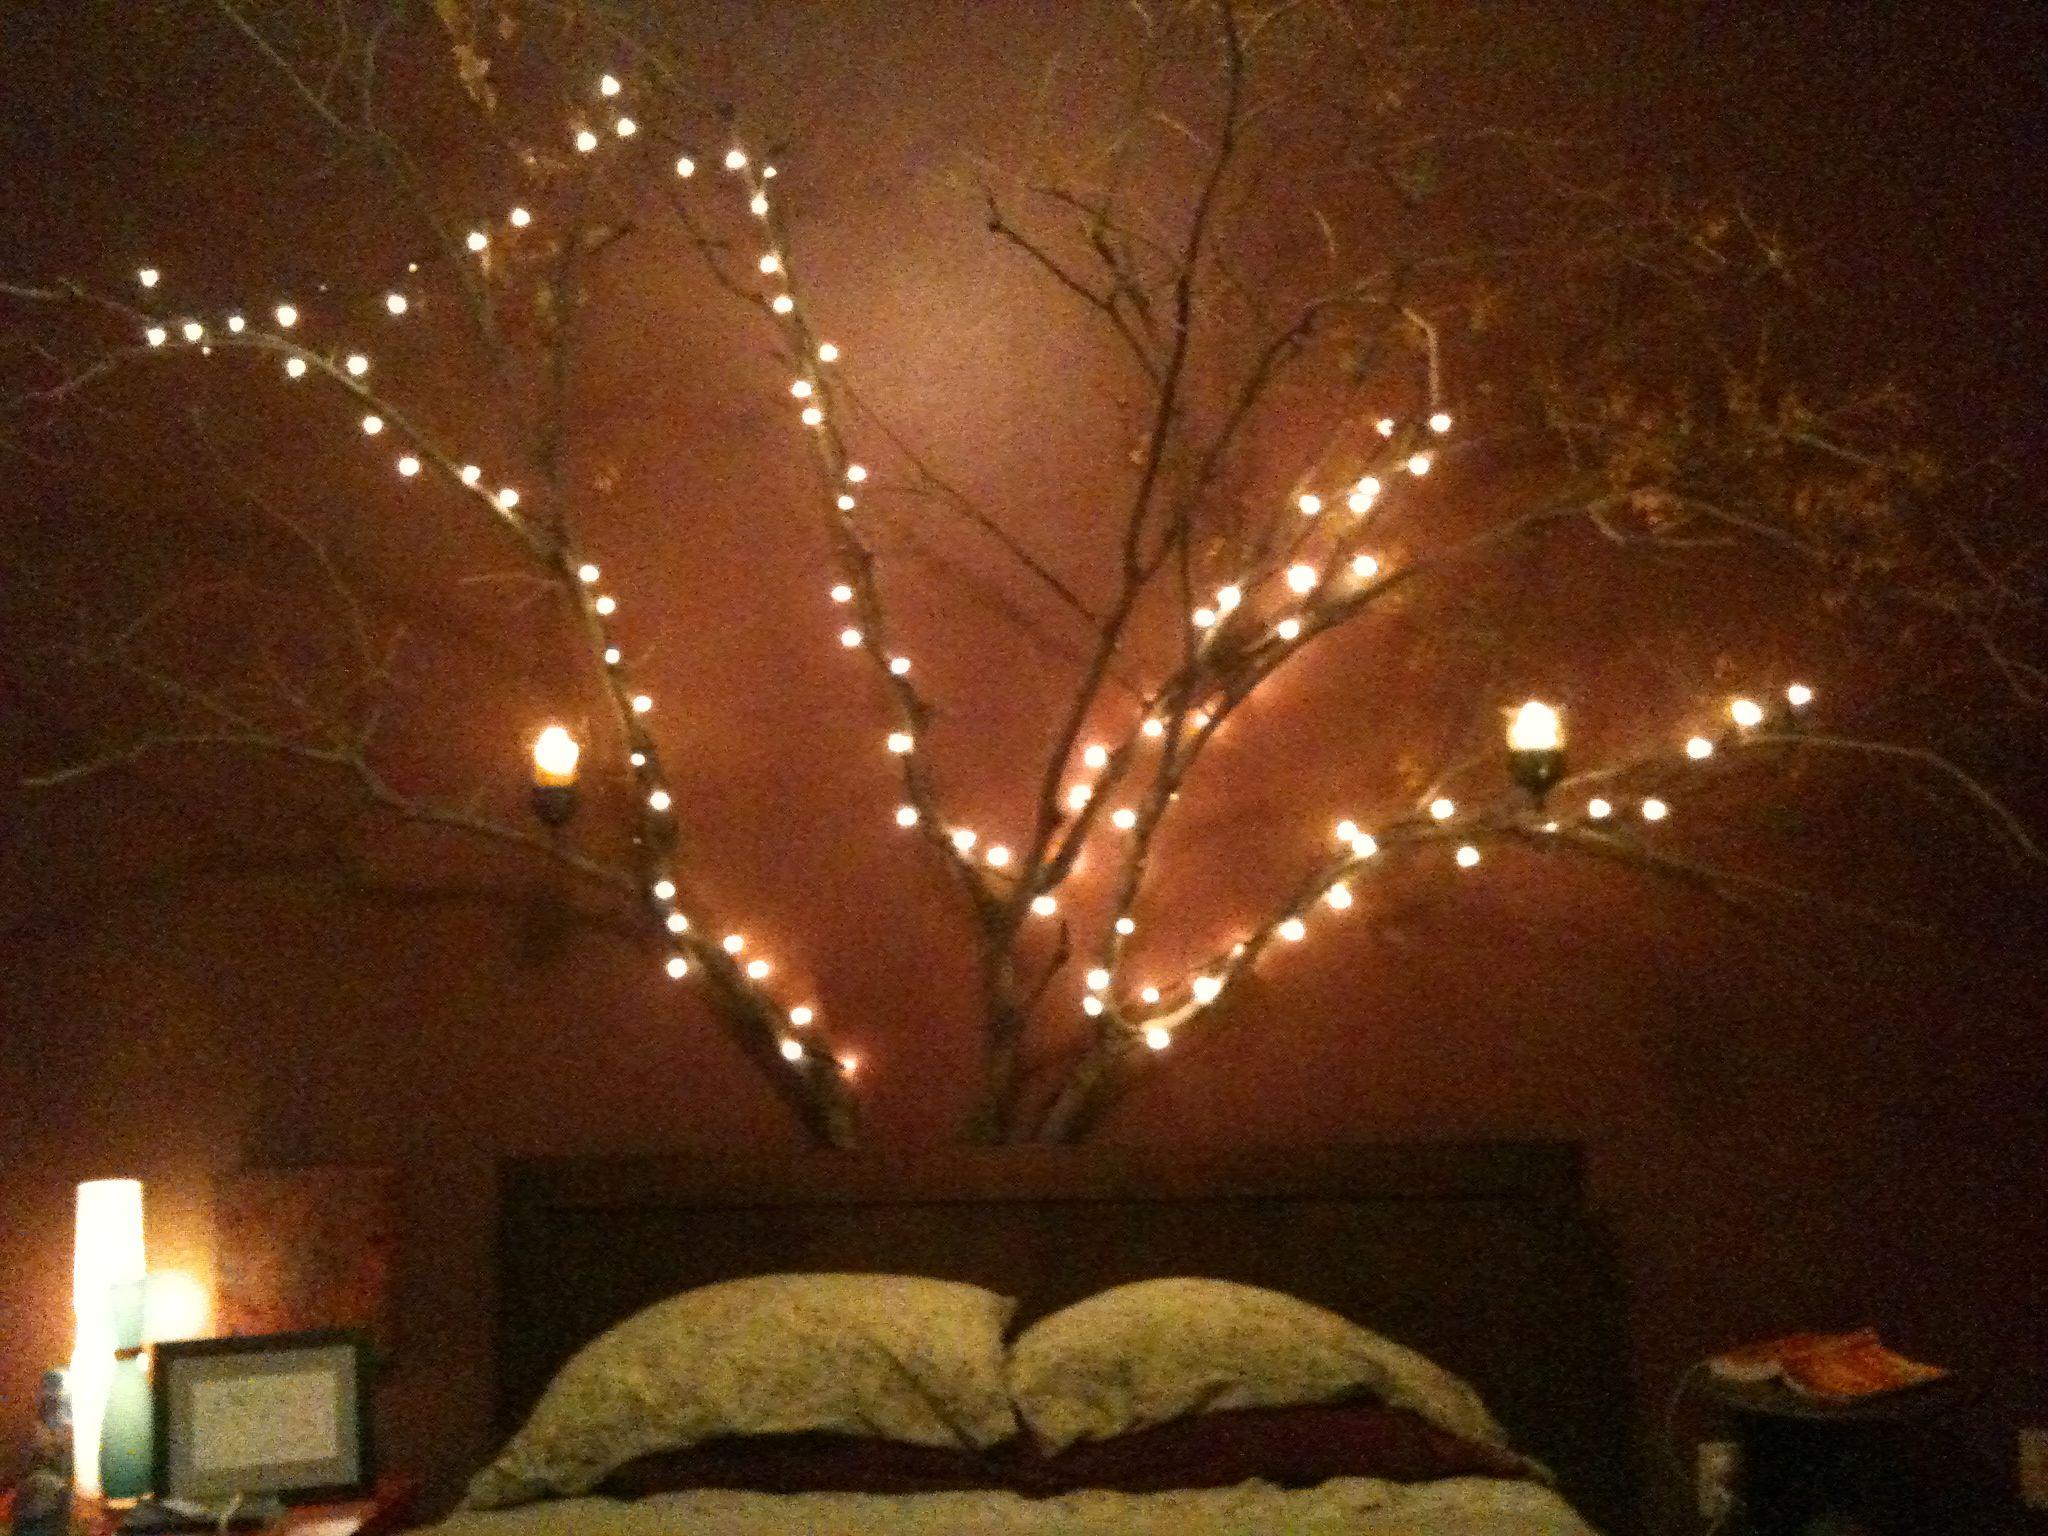 Diy Bedroom Tree I Made Bedroom Decor Lights Bedroom Diy